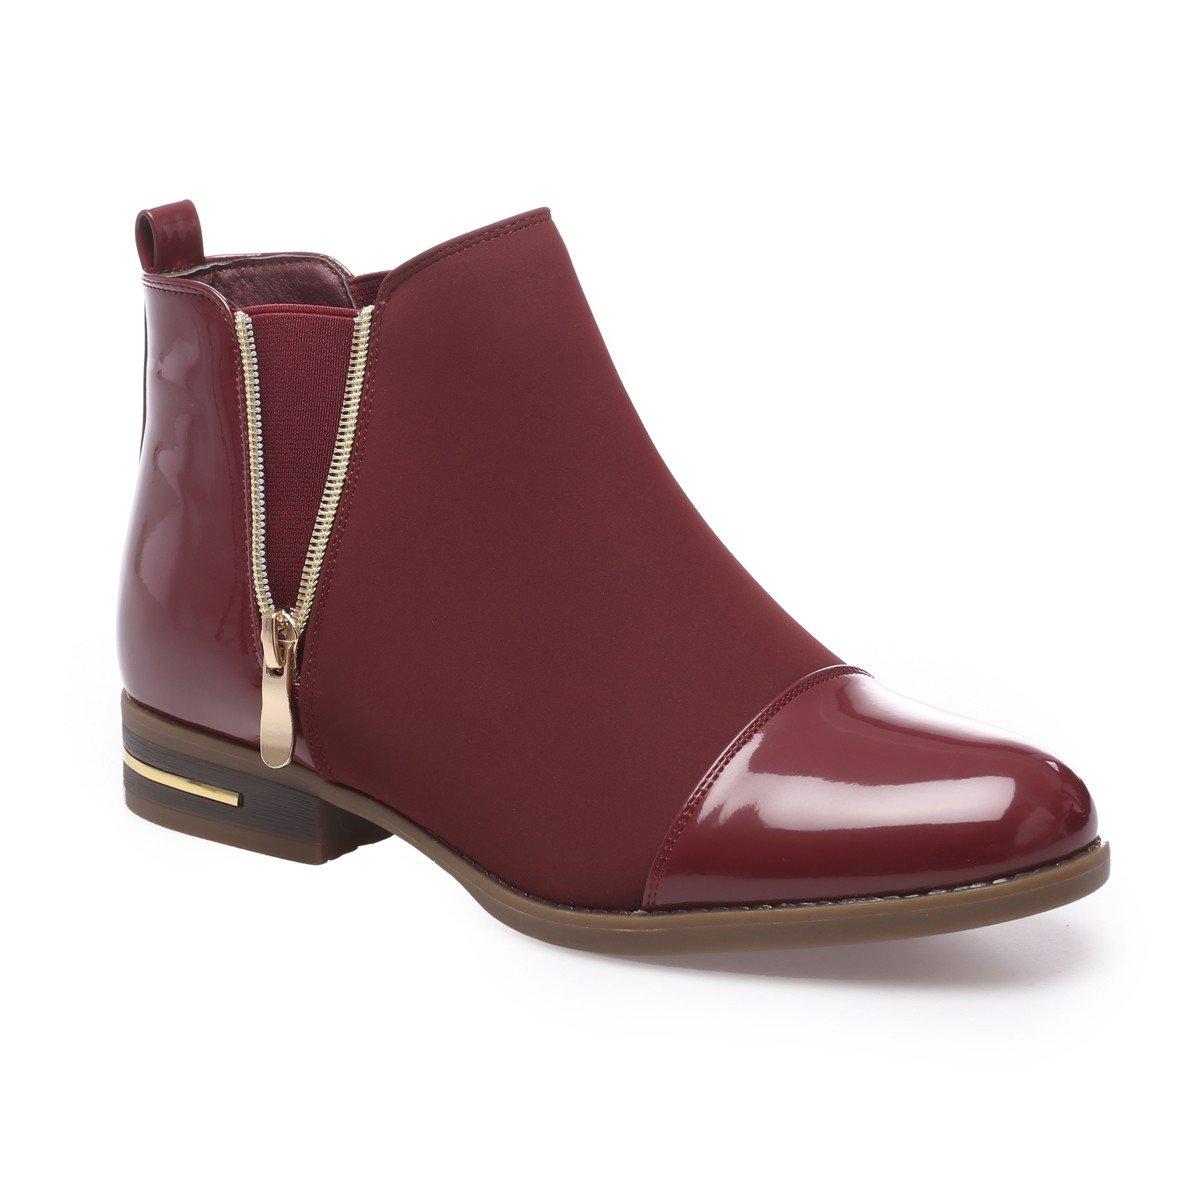 La Modeuse - Boots bi-matière en Talon smilicuir au avec bi-matière empiècements Vernis au Niveau du Talon et du Bout Arrondi Rouge efe6e8d - reprogrammed.space